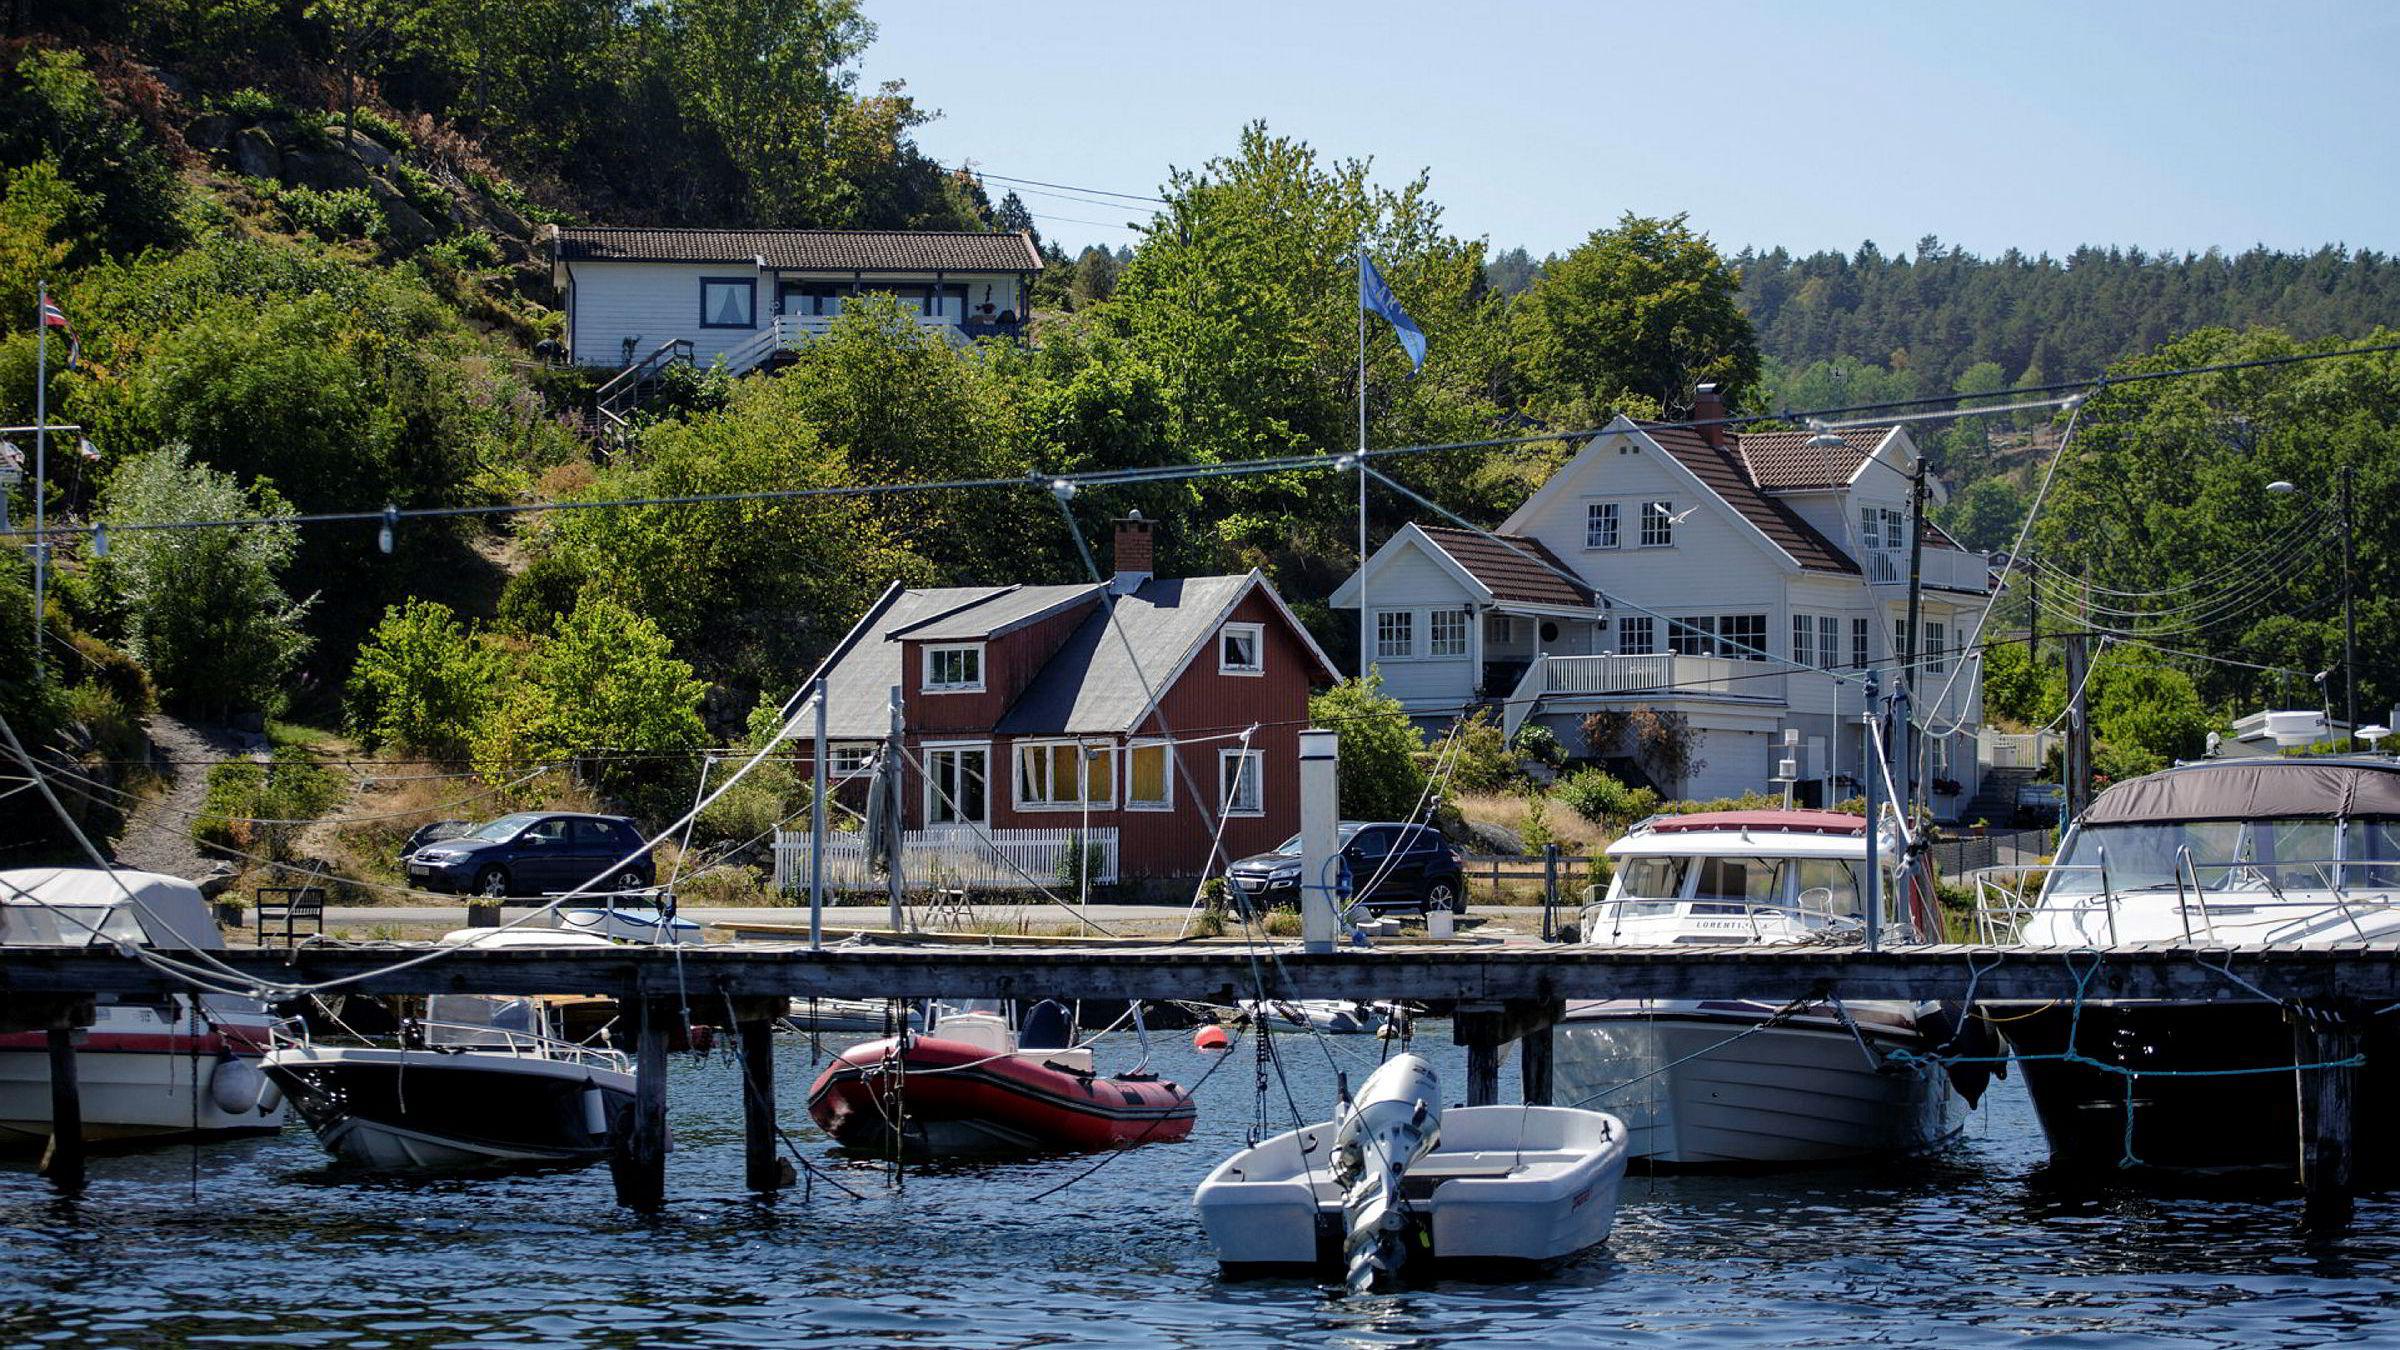 Færder kommune huser noen av landets dyreste hytter.